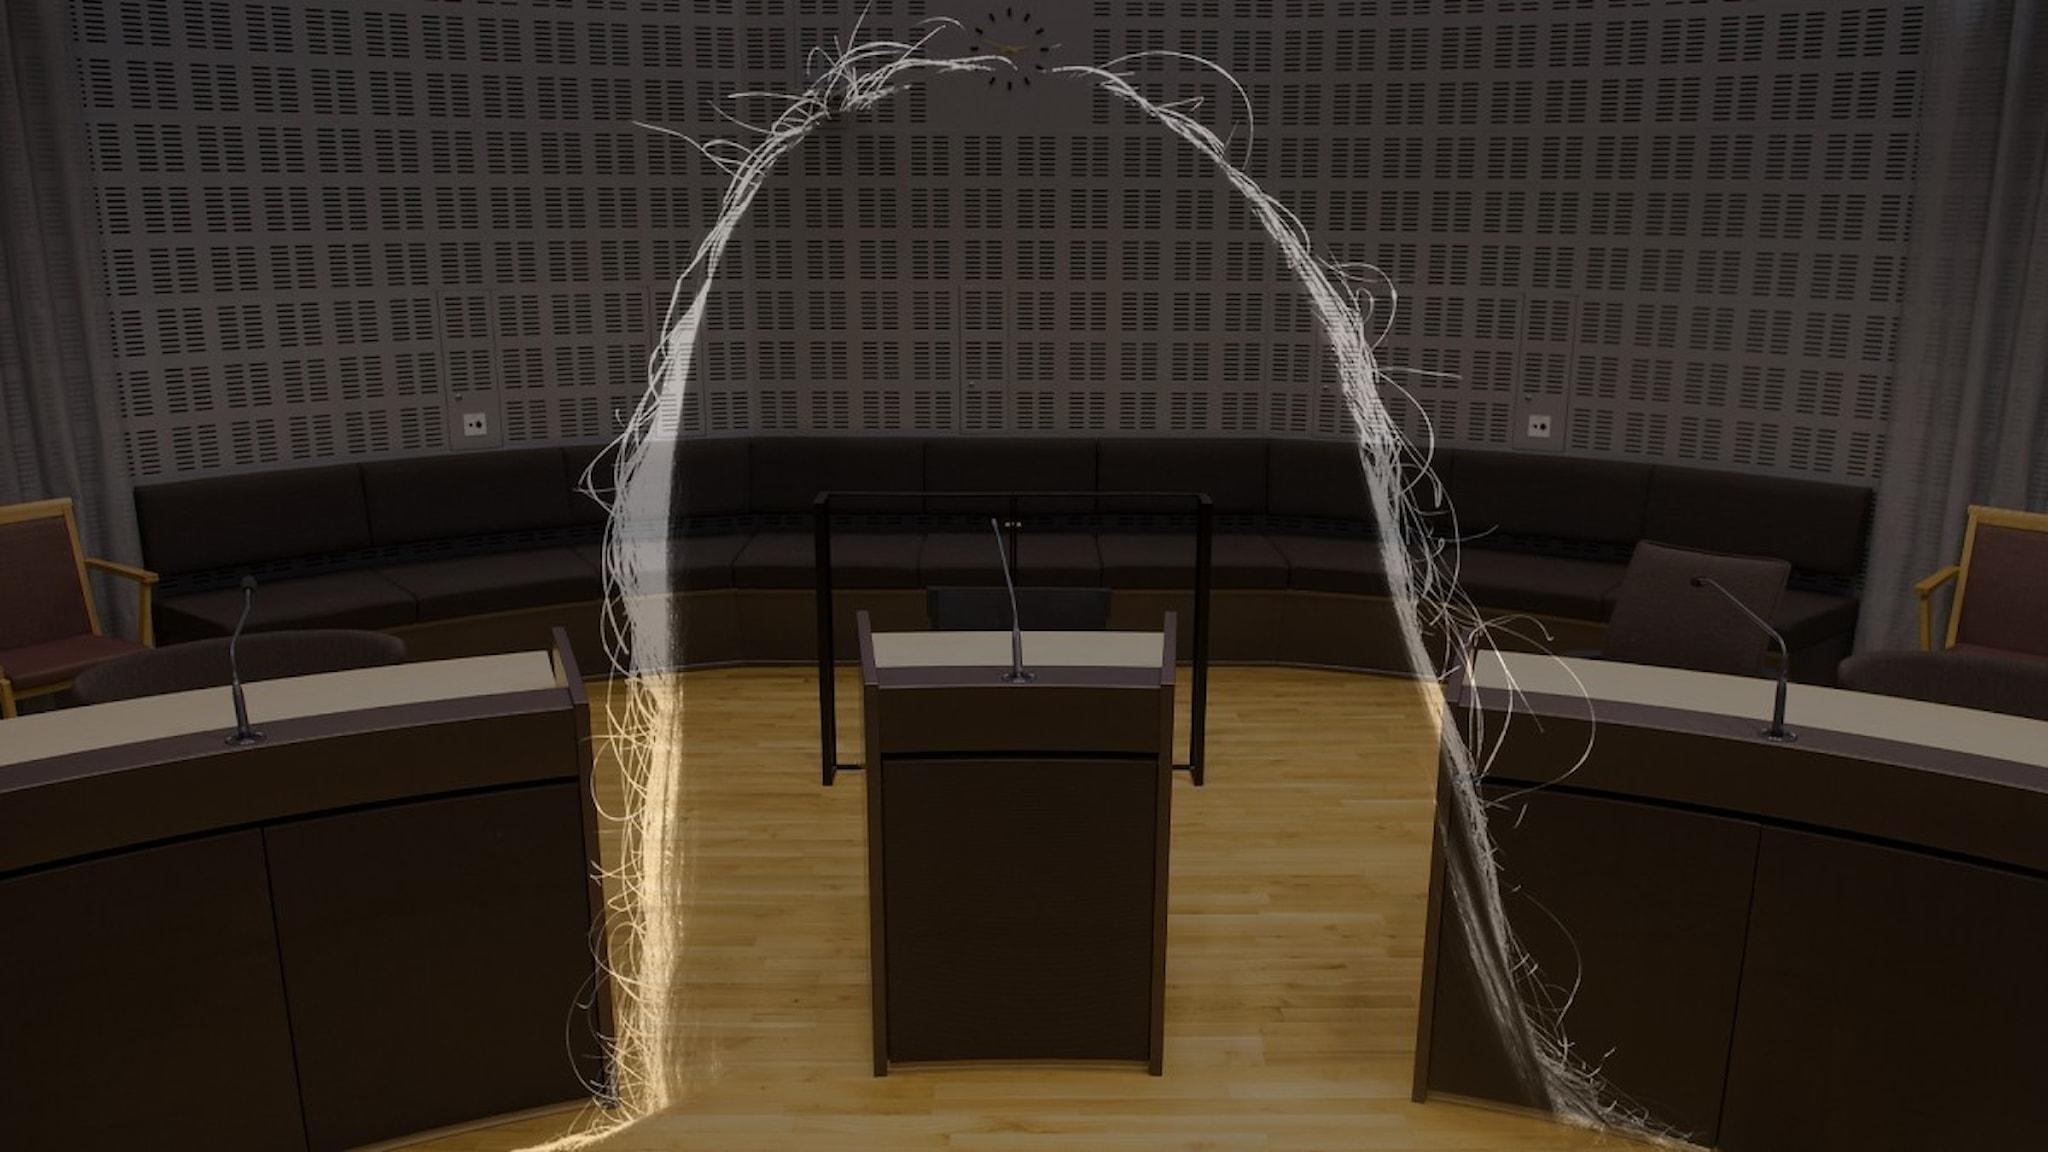 Bild på anonym skugga från kvinna i rättegångssal.